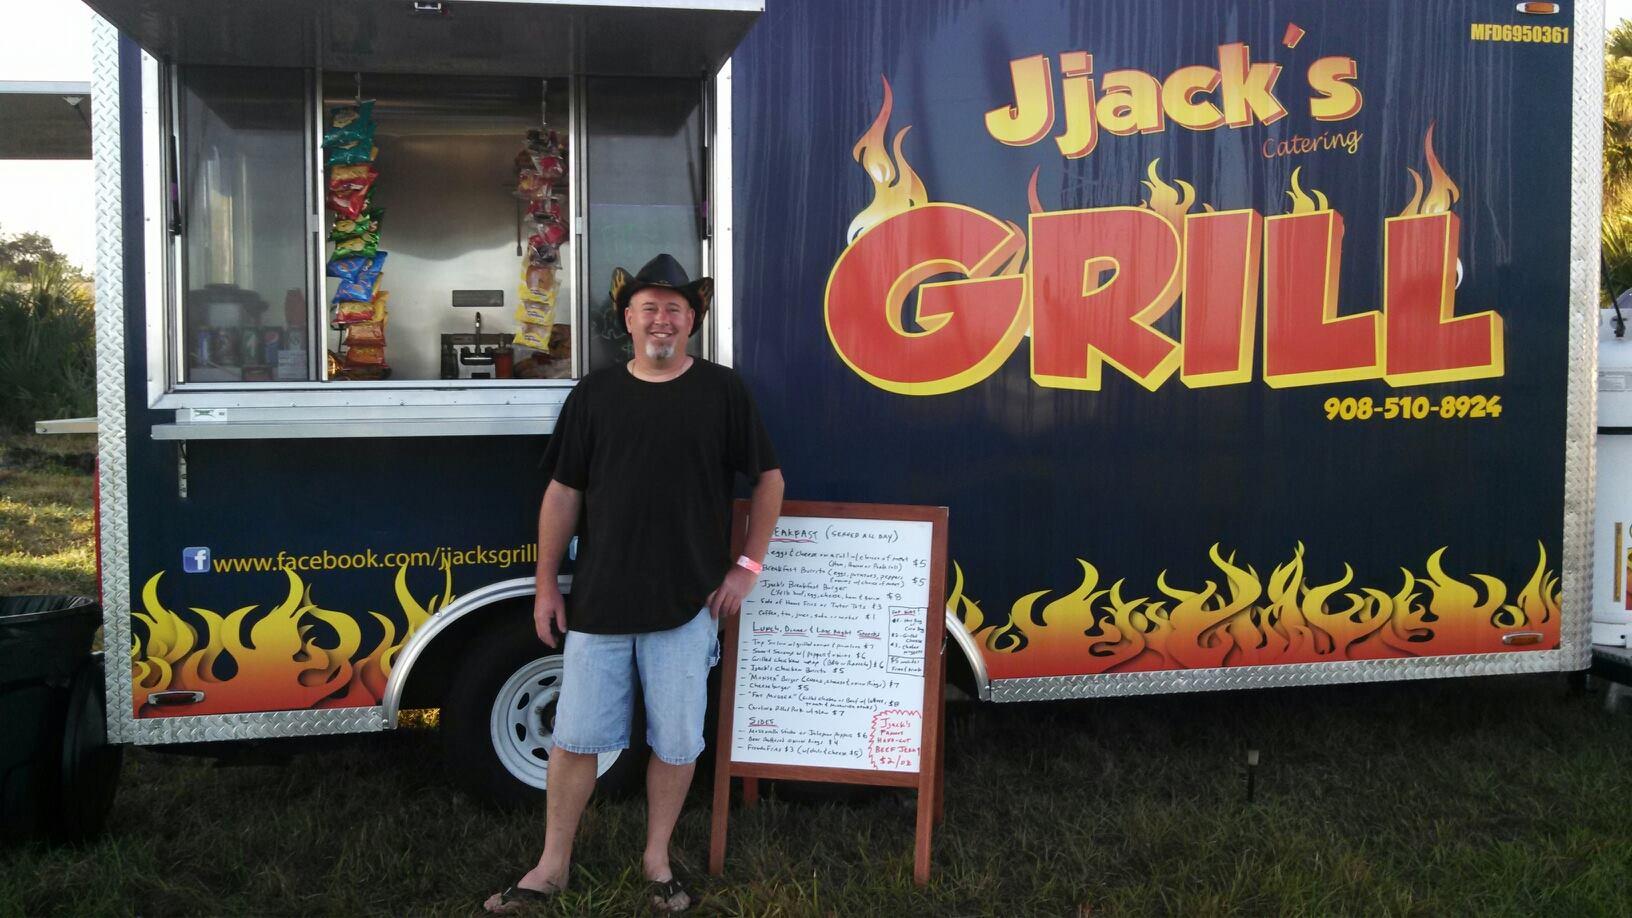 Jjack's Grill Food Truck